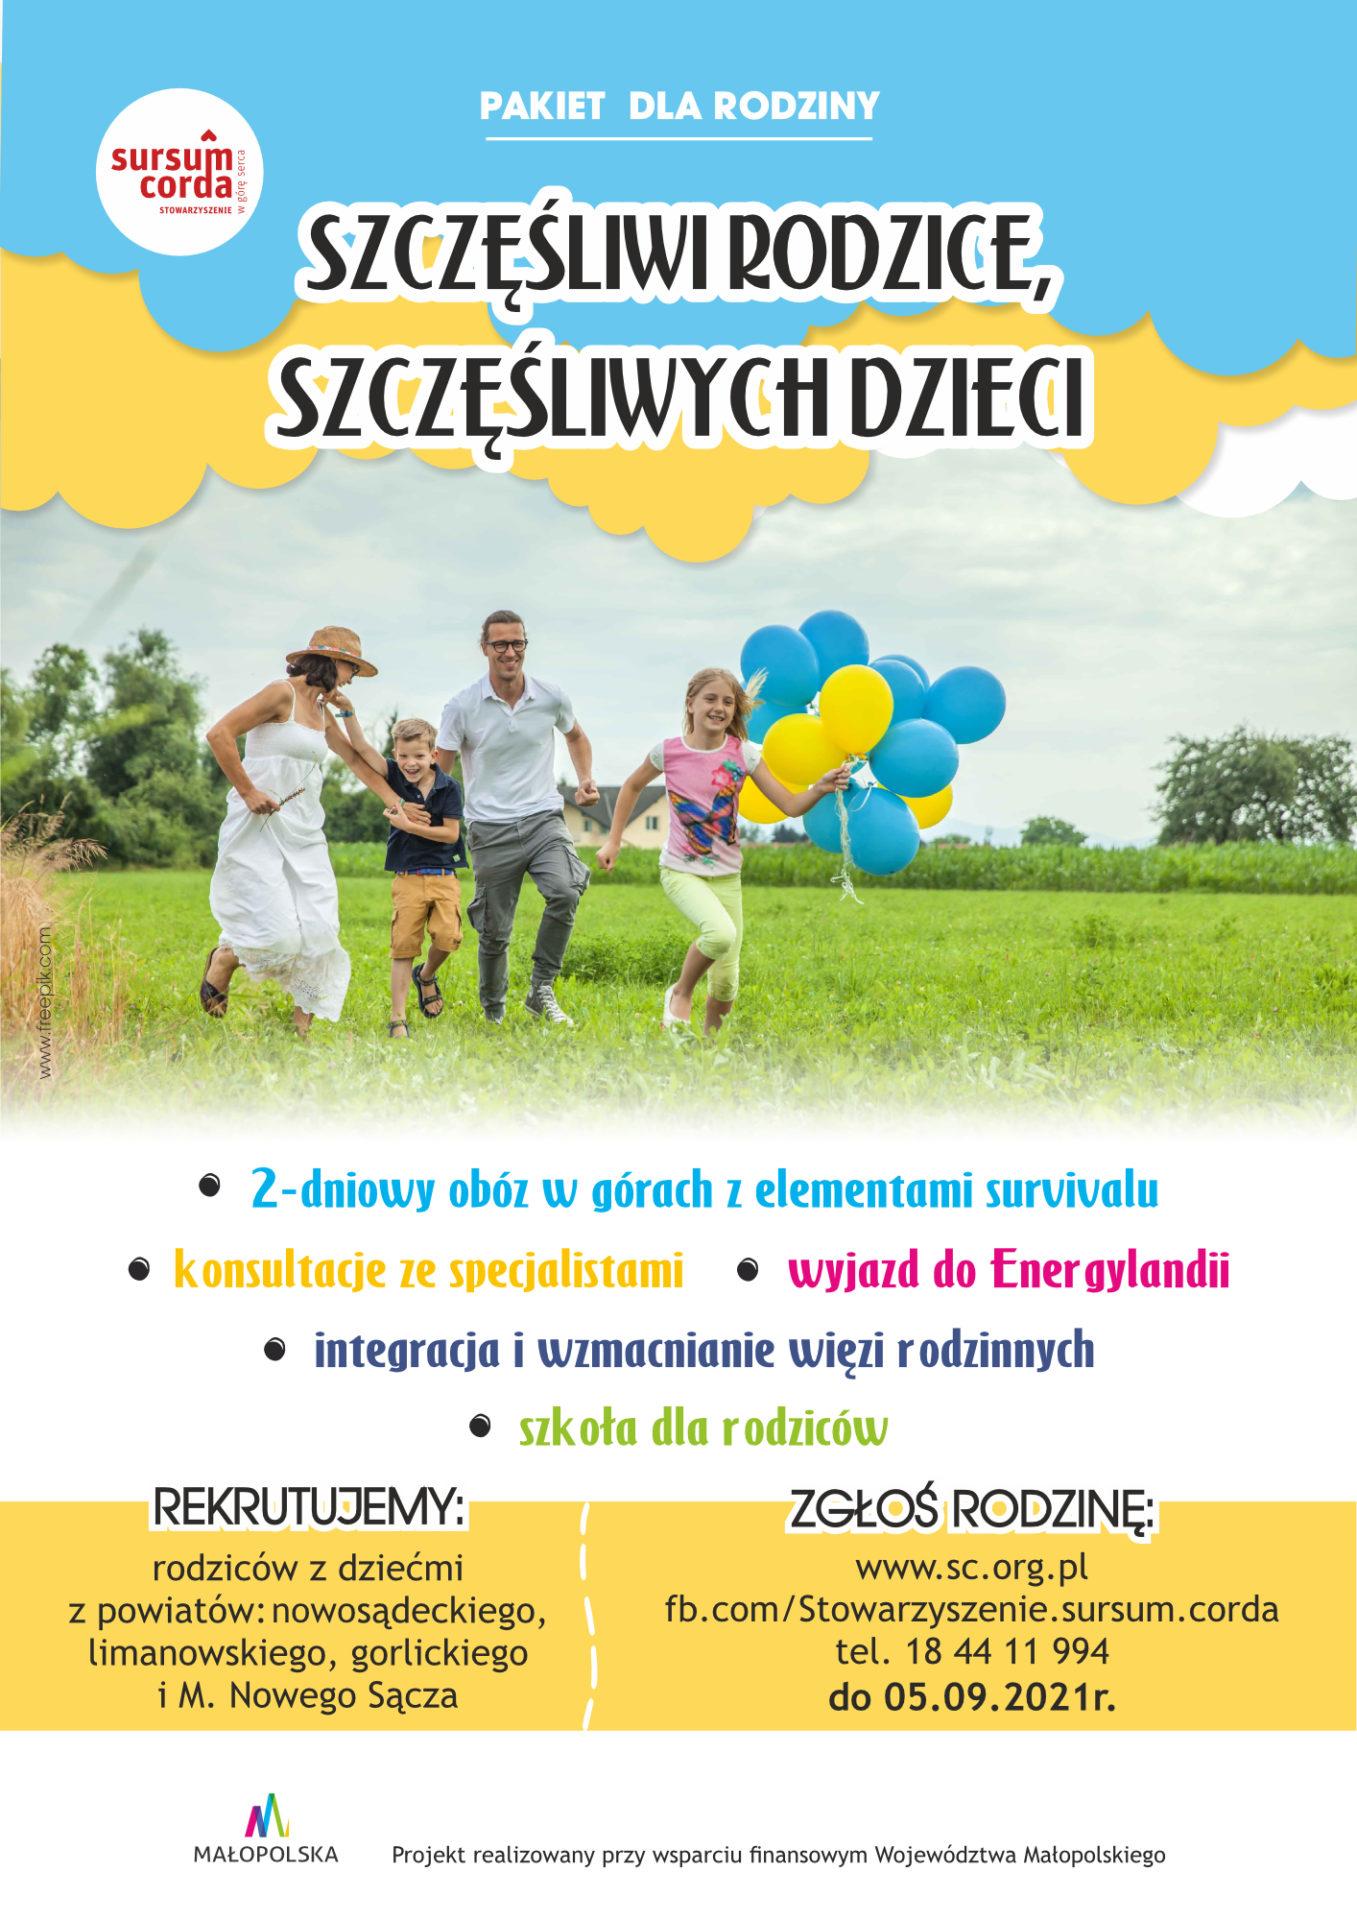 Pakiet_dla_rodzin-SRSD-plakat-update